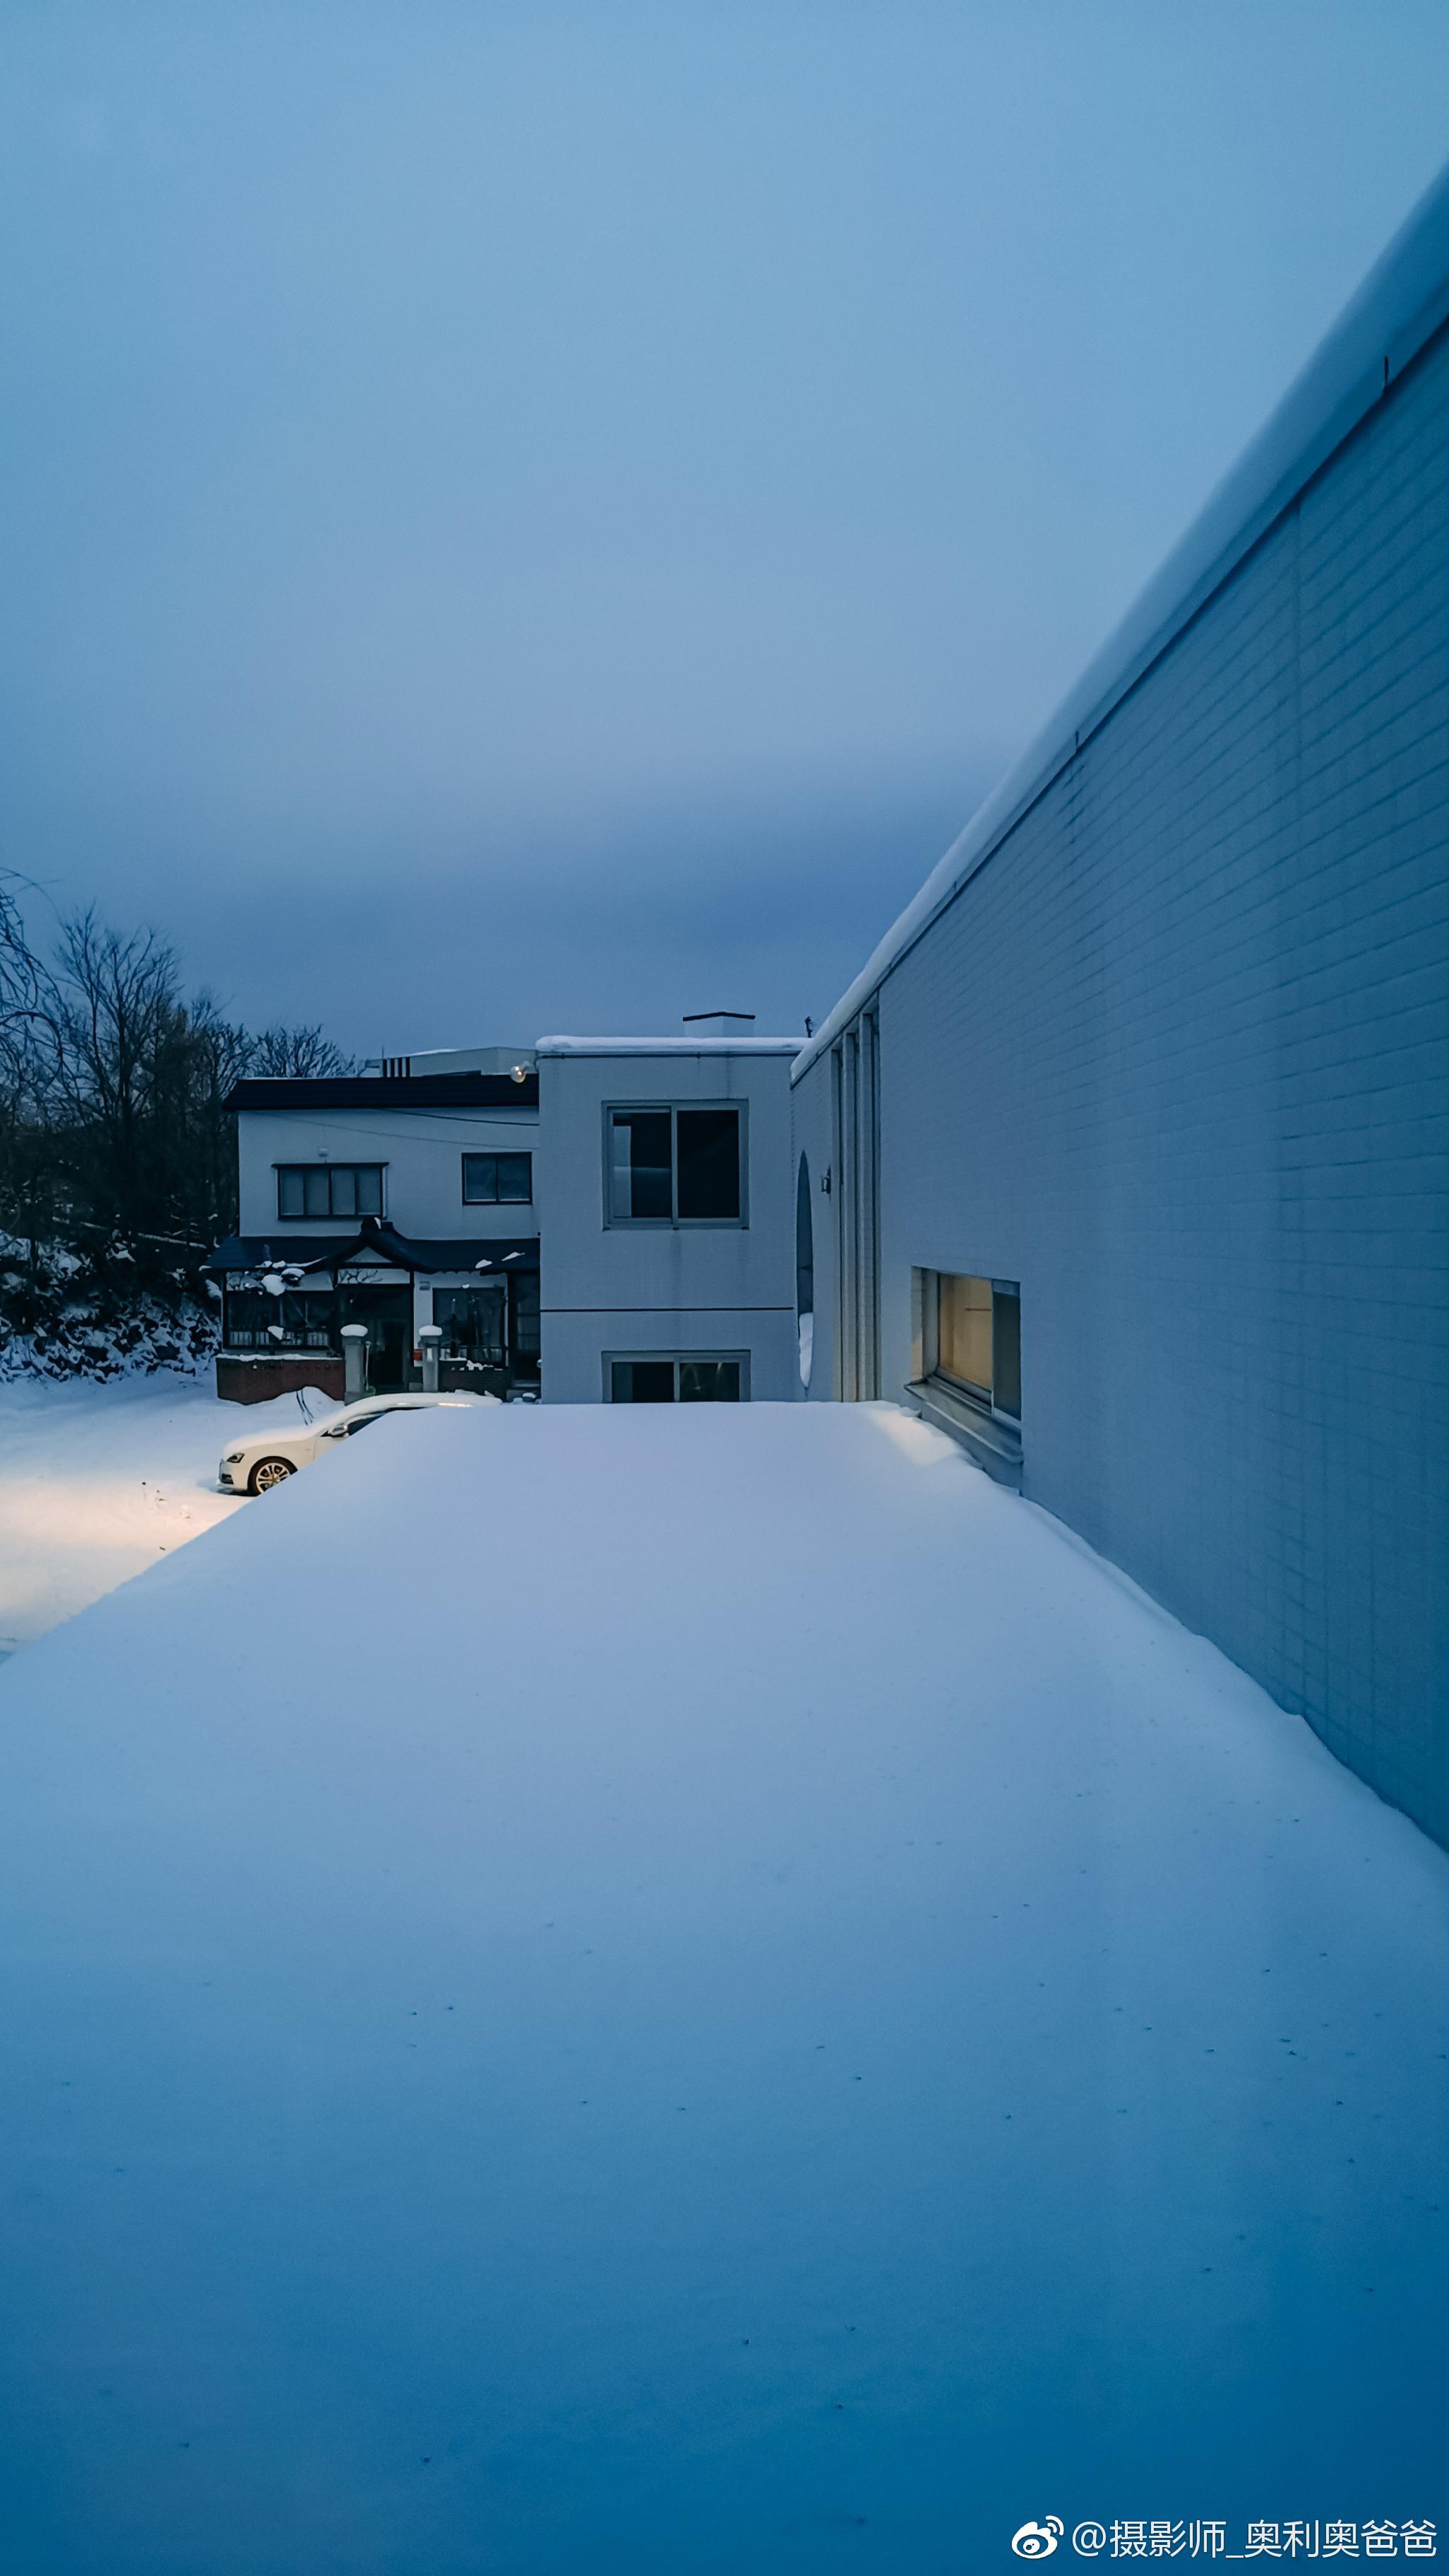 雪国的雪 北海道小樽的九图壁纸 Photo By Mate 20 Pro